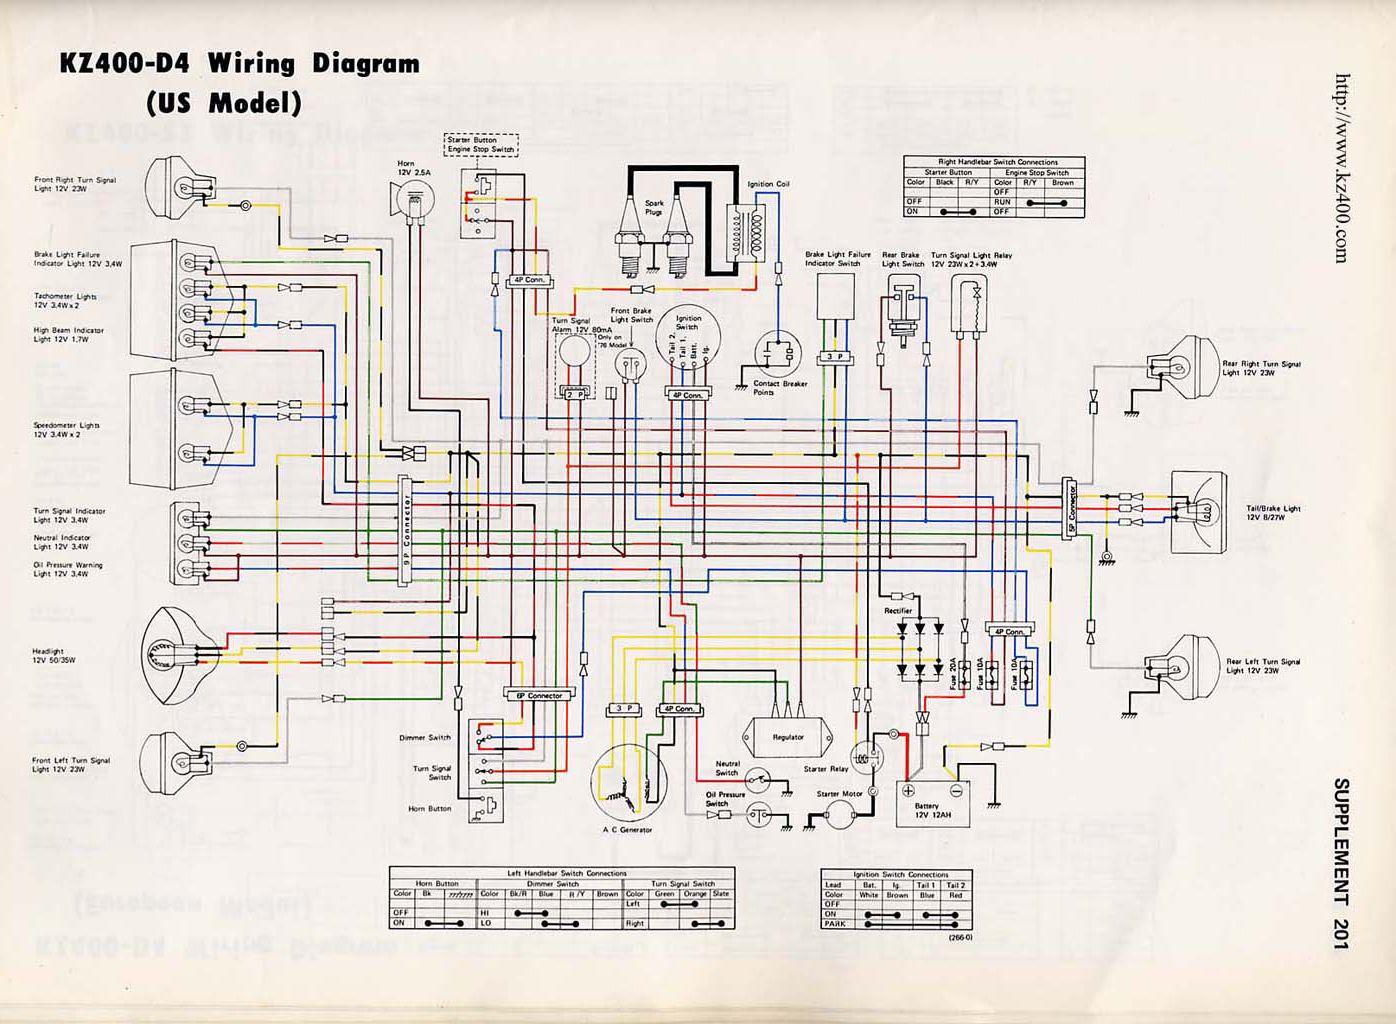 1976 kz400 wiring diagram wiring diagram for light switch u2022 rh lomond tw